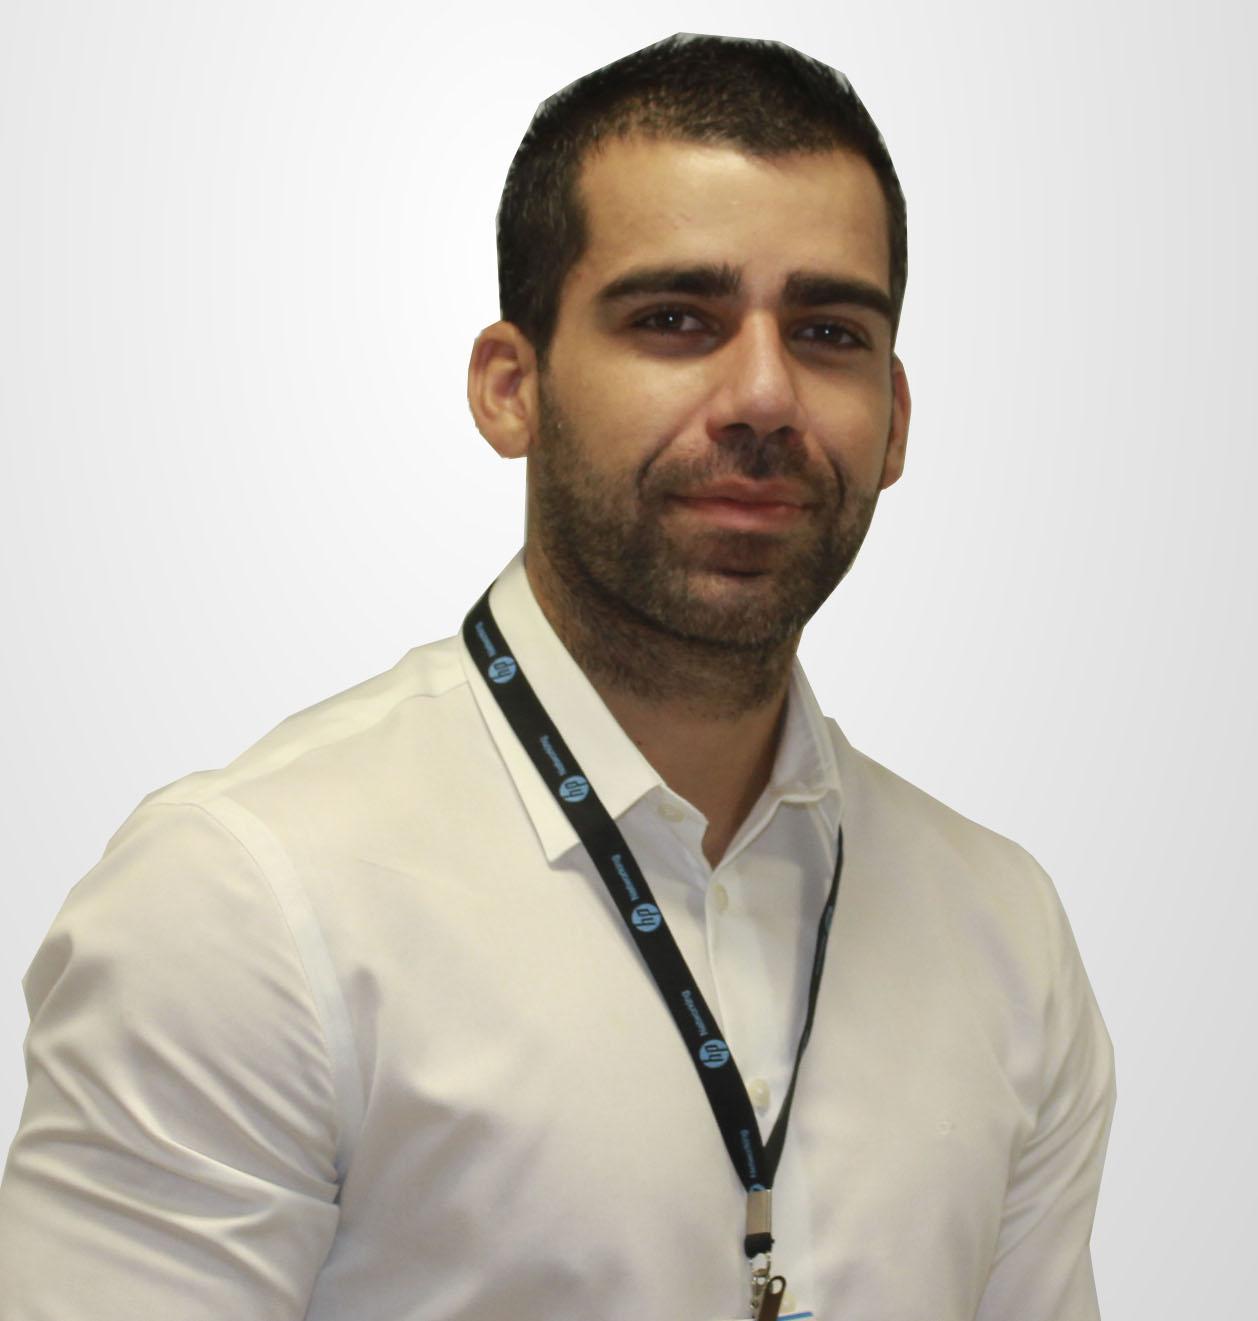 Diego Souza é Supervisor de TI do Grupo Binário